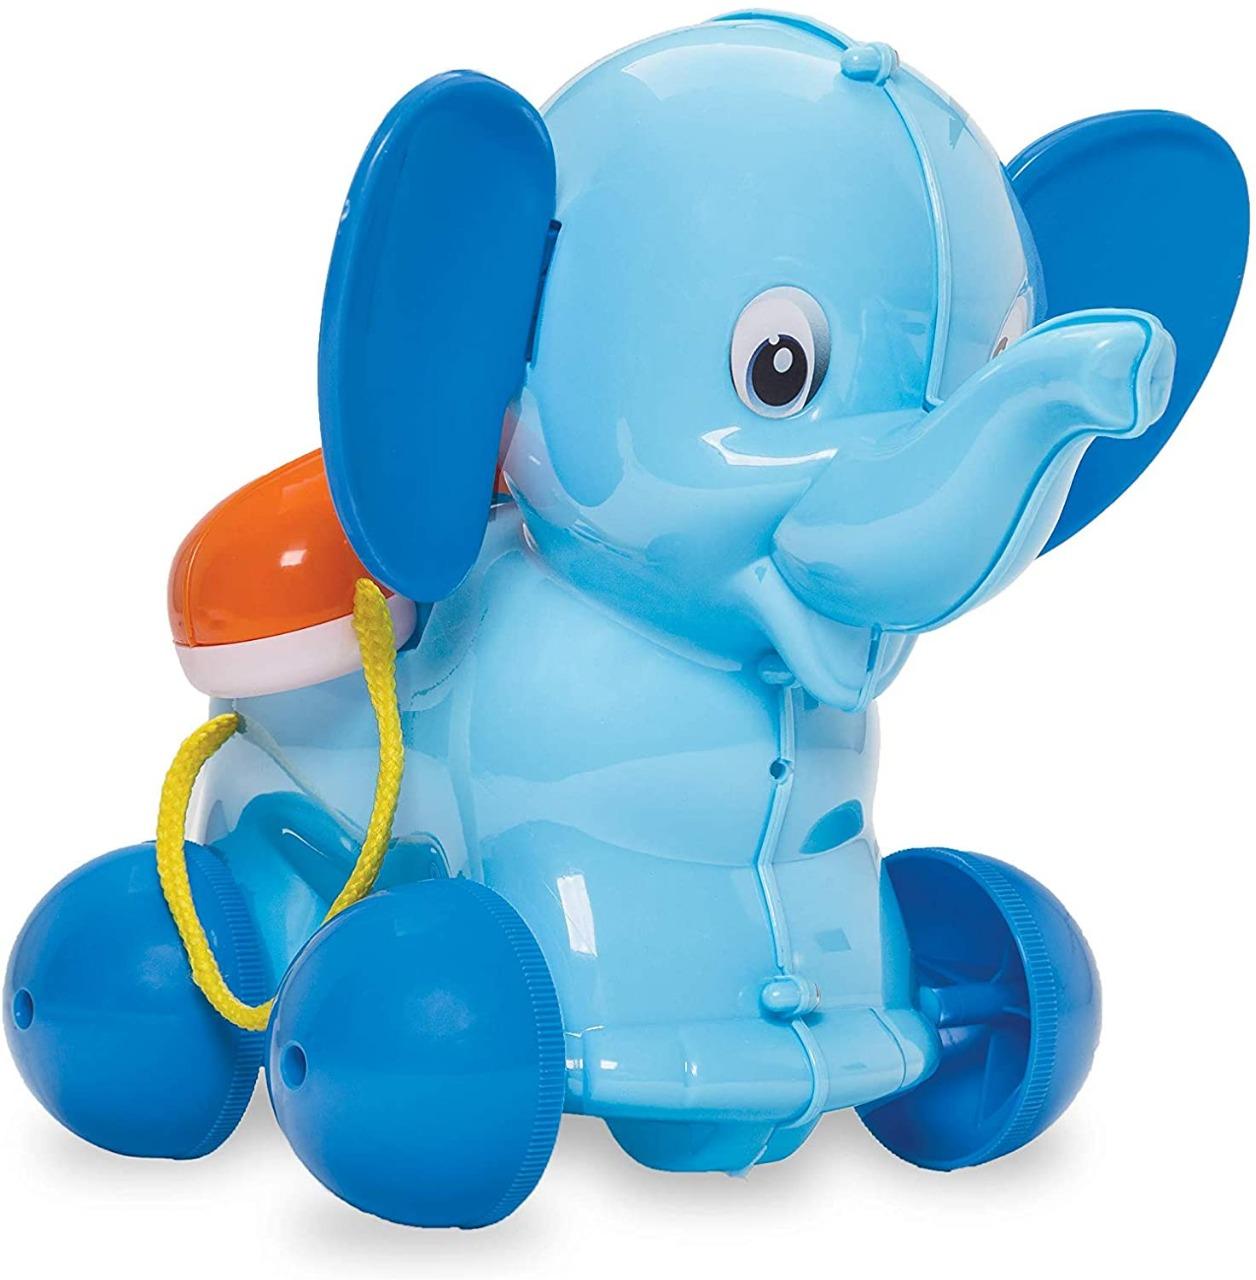 Elefante Azul Telefante Baby Land Com Rodinhas e Telefone Cardoso Toys